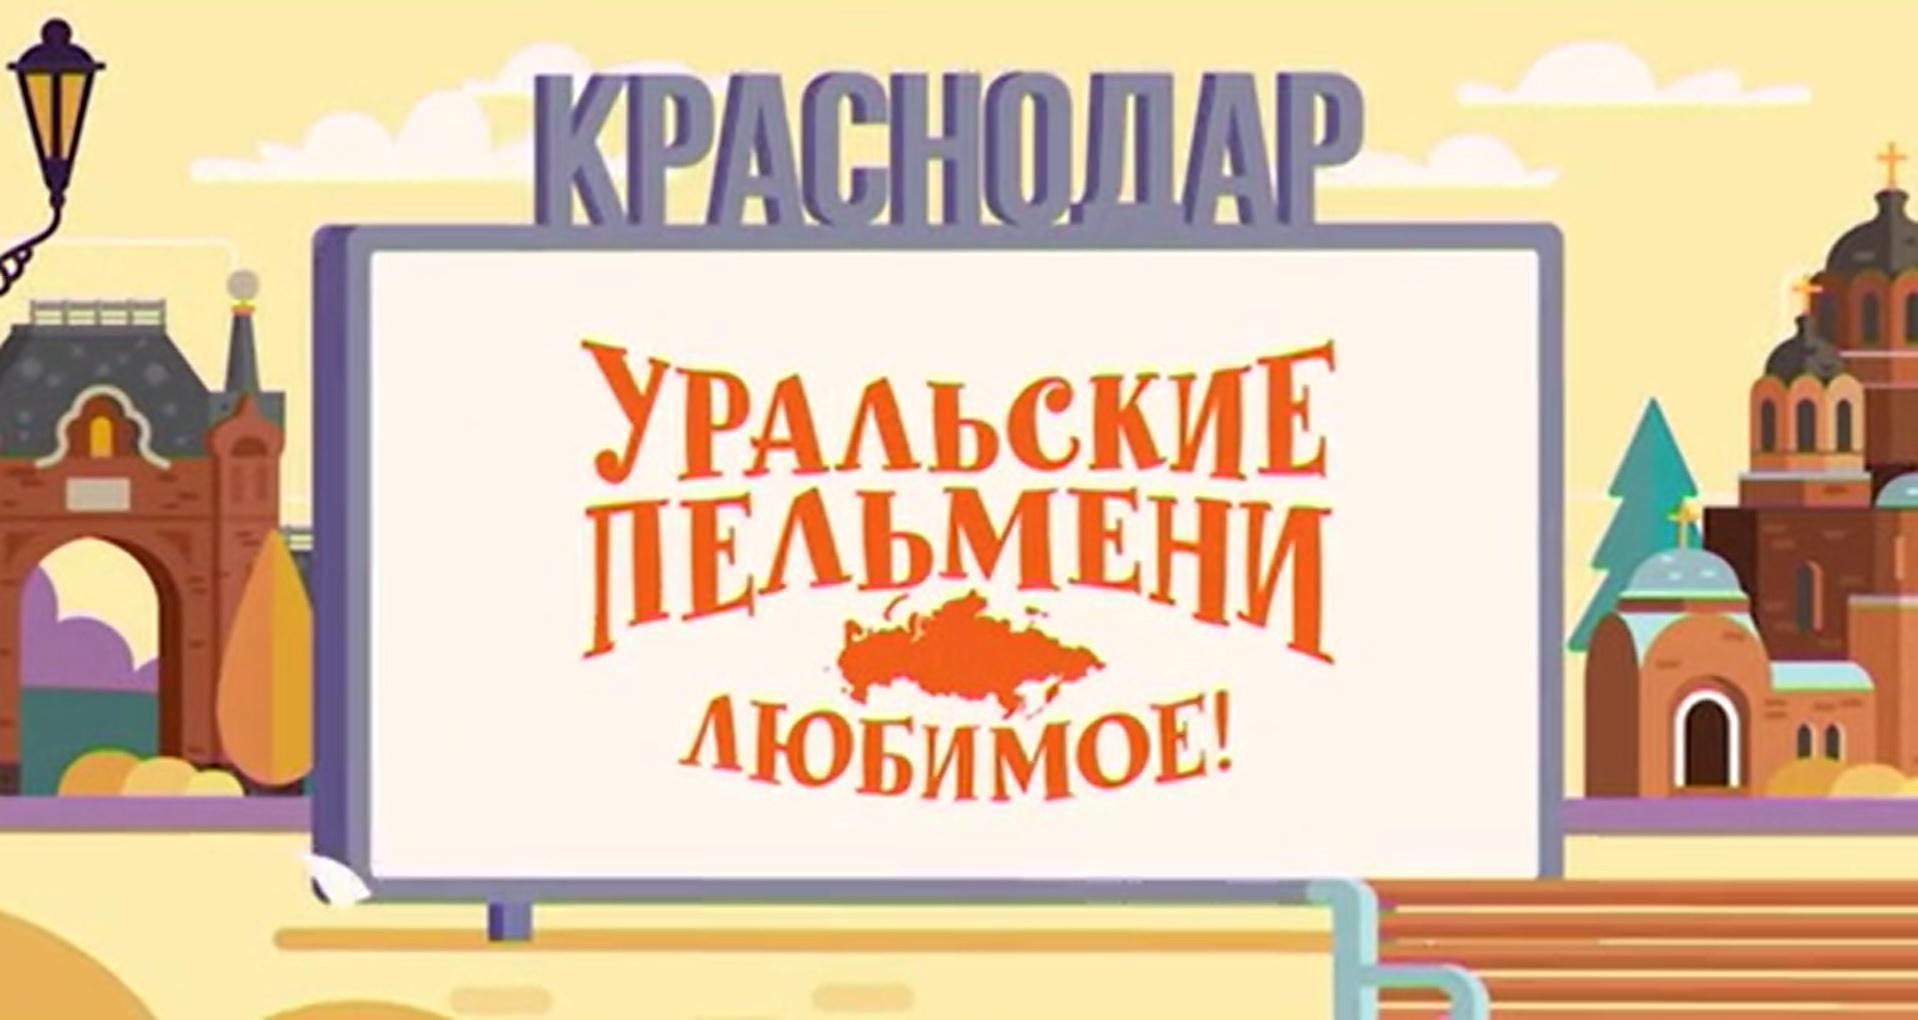 Творческий коллектив Уральские Пельмени Уральские пельмени. Любимое. Краснодар творческий коллектив уральские пельмени уральские пельмени любимое йокшар ола